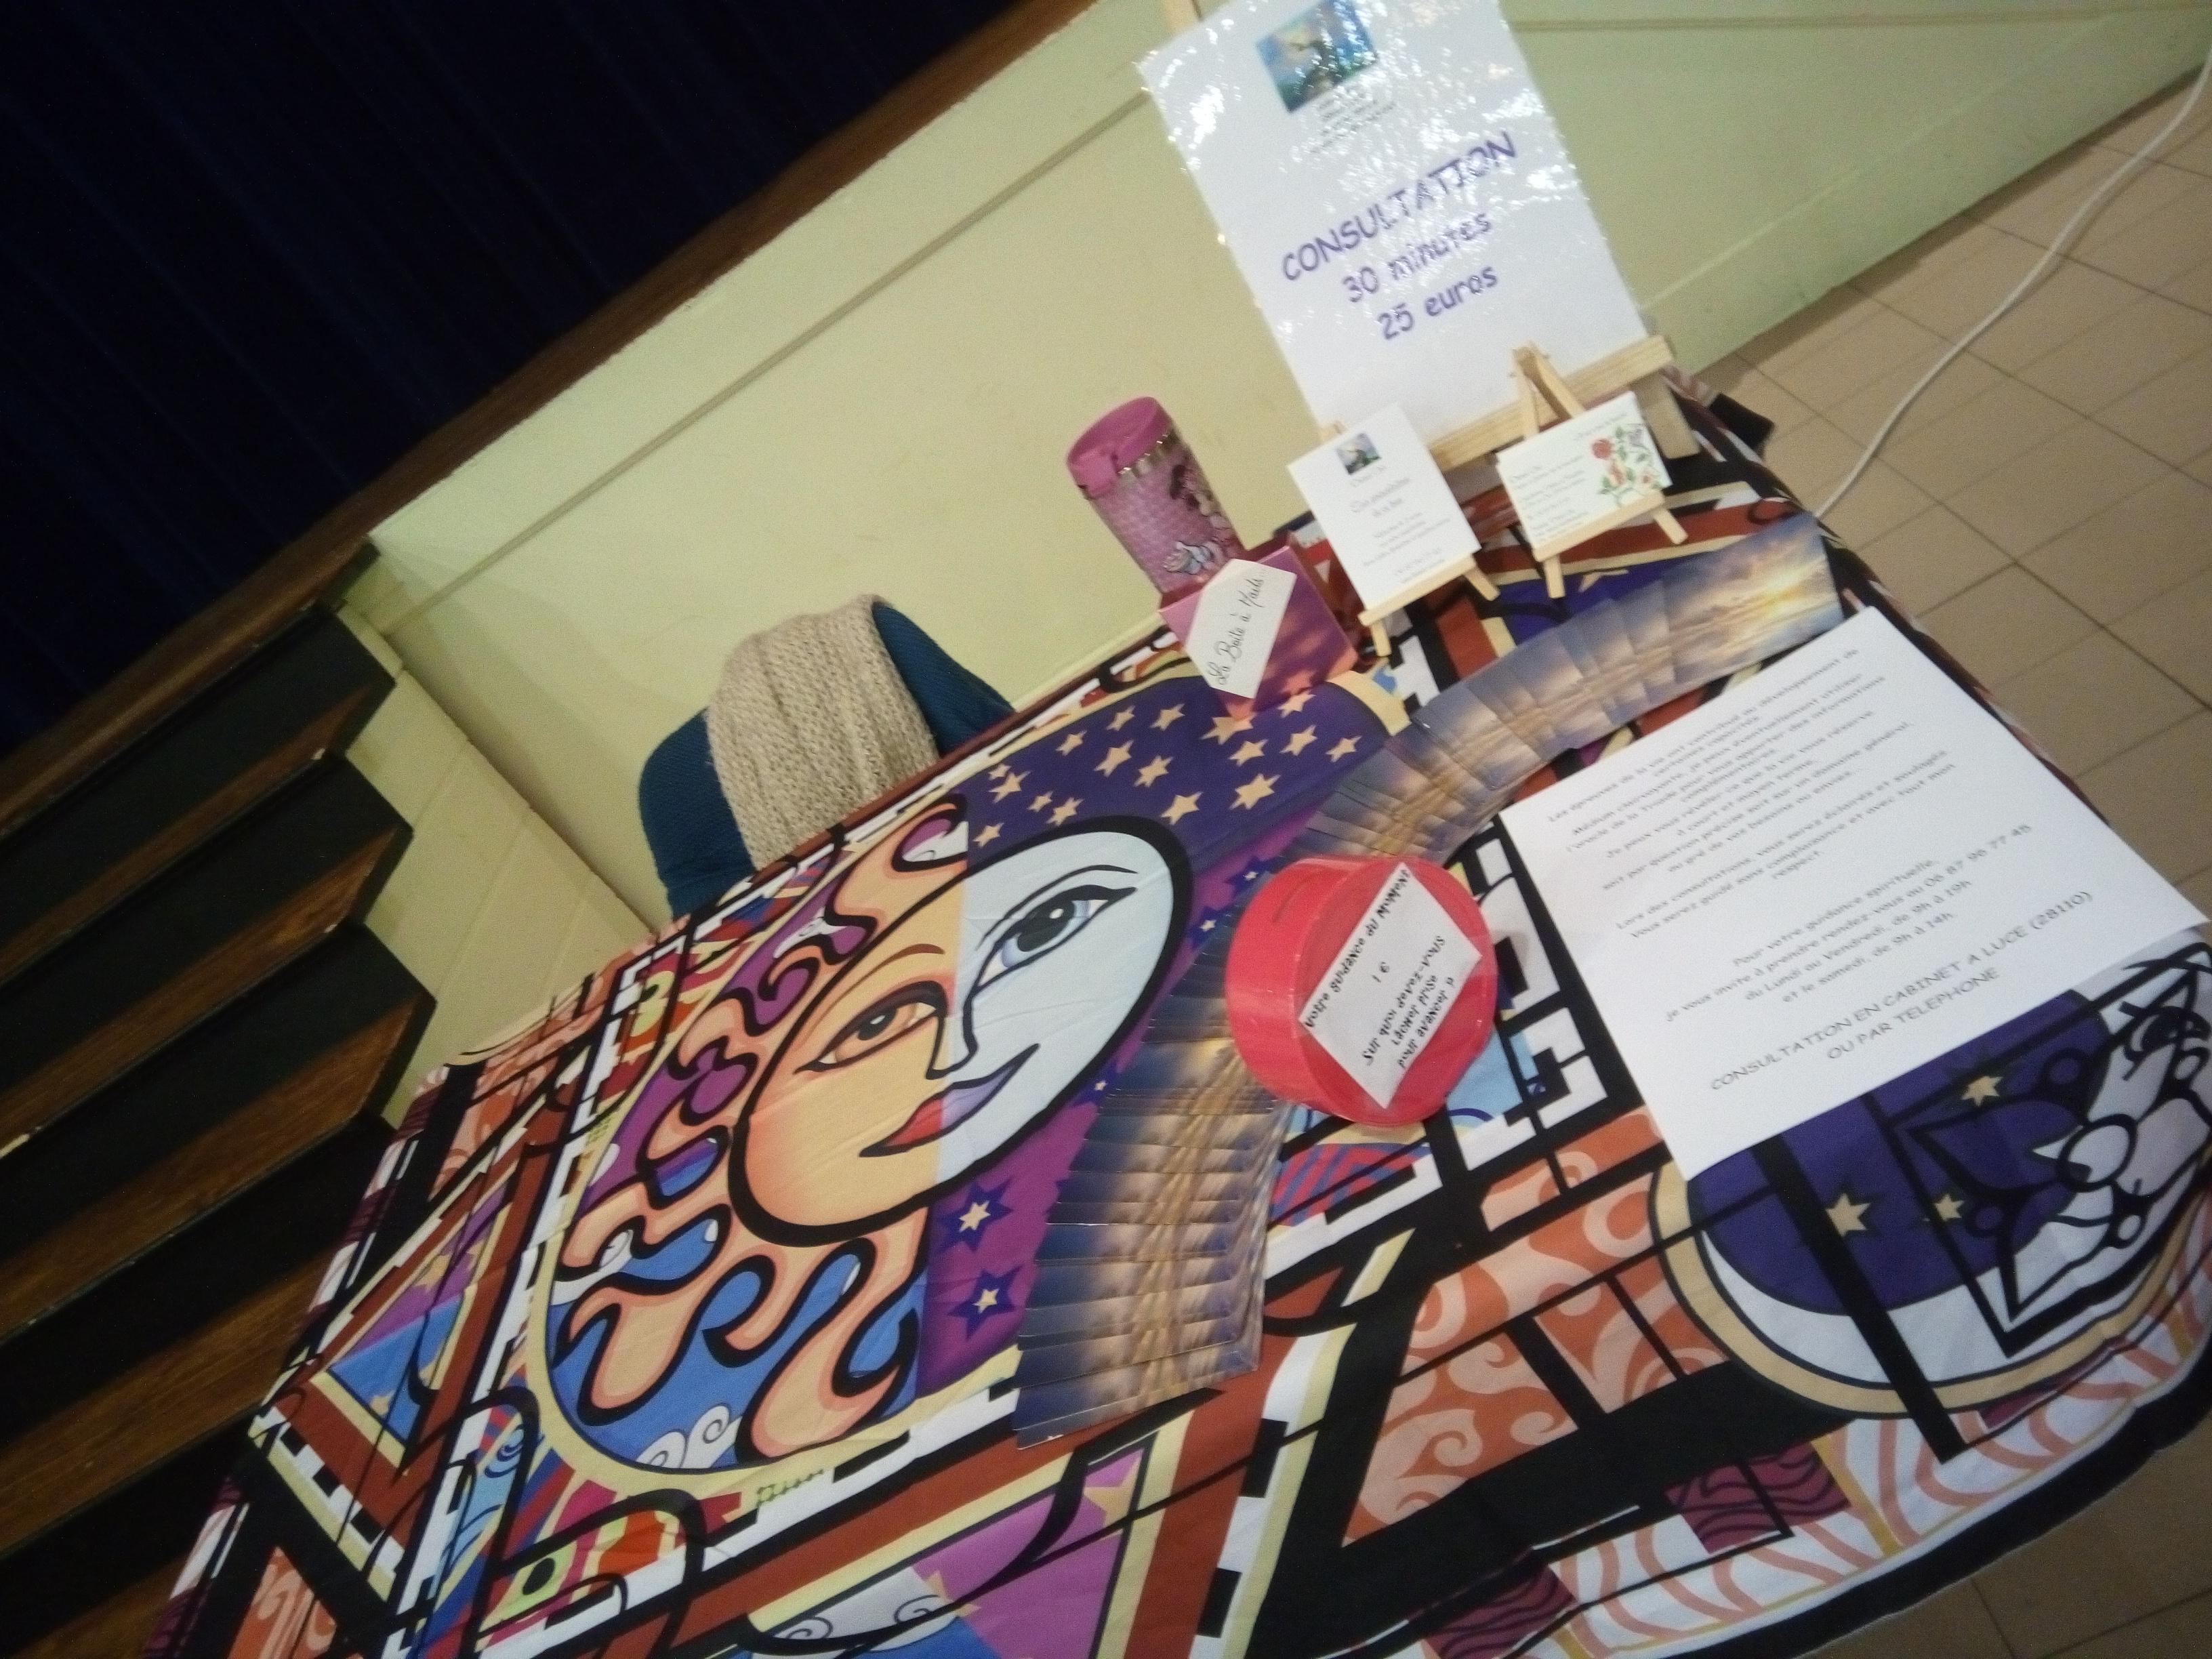 Salon du Bien-être et de la femme, St-Lubin-des-Joncherets (7 avril 2019)